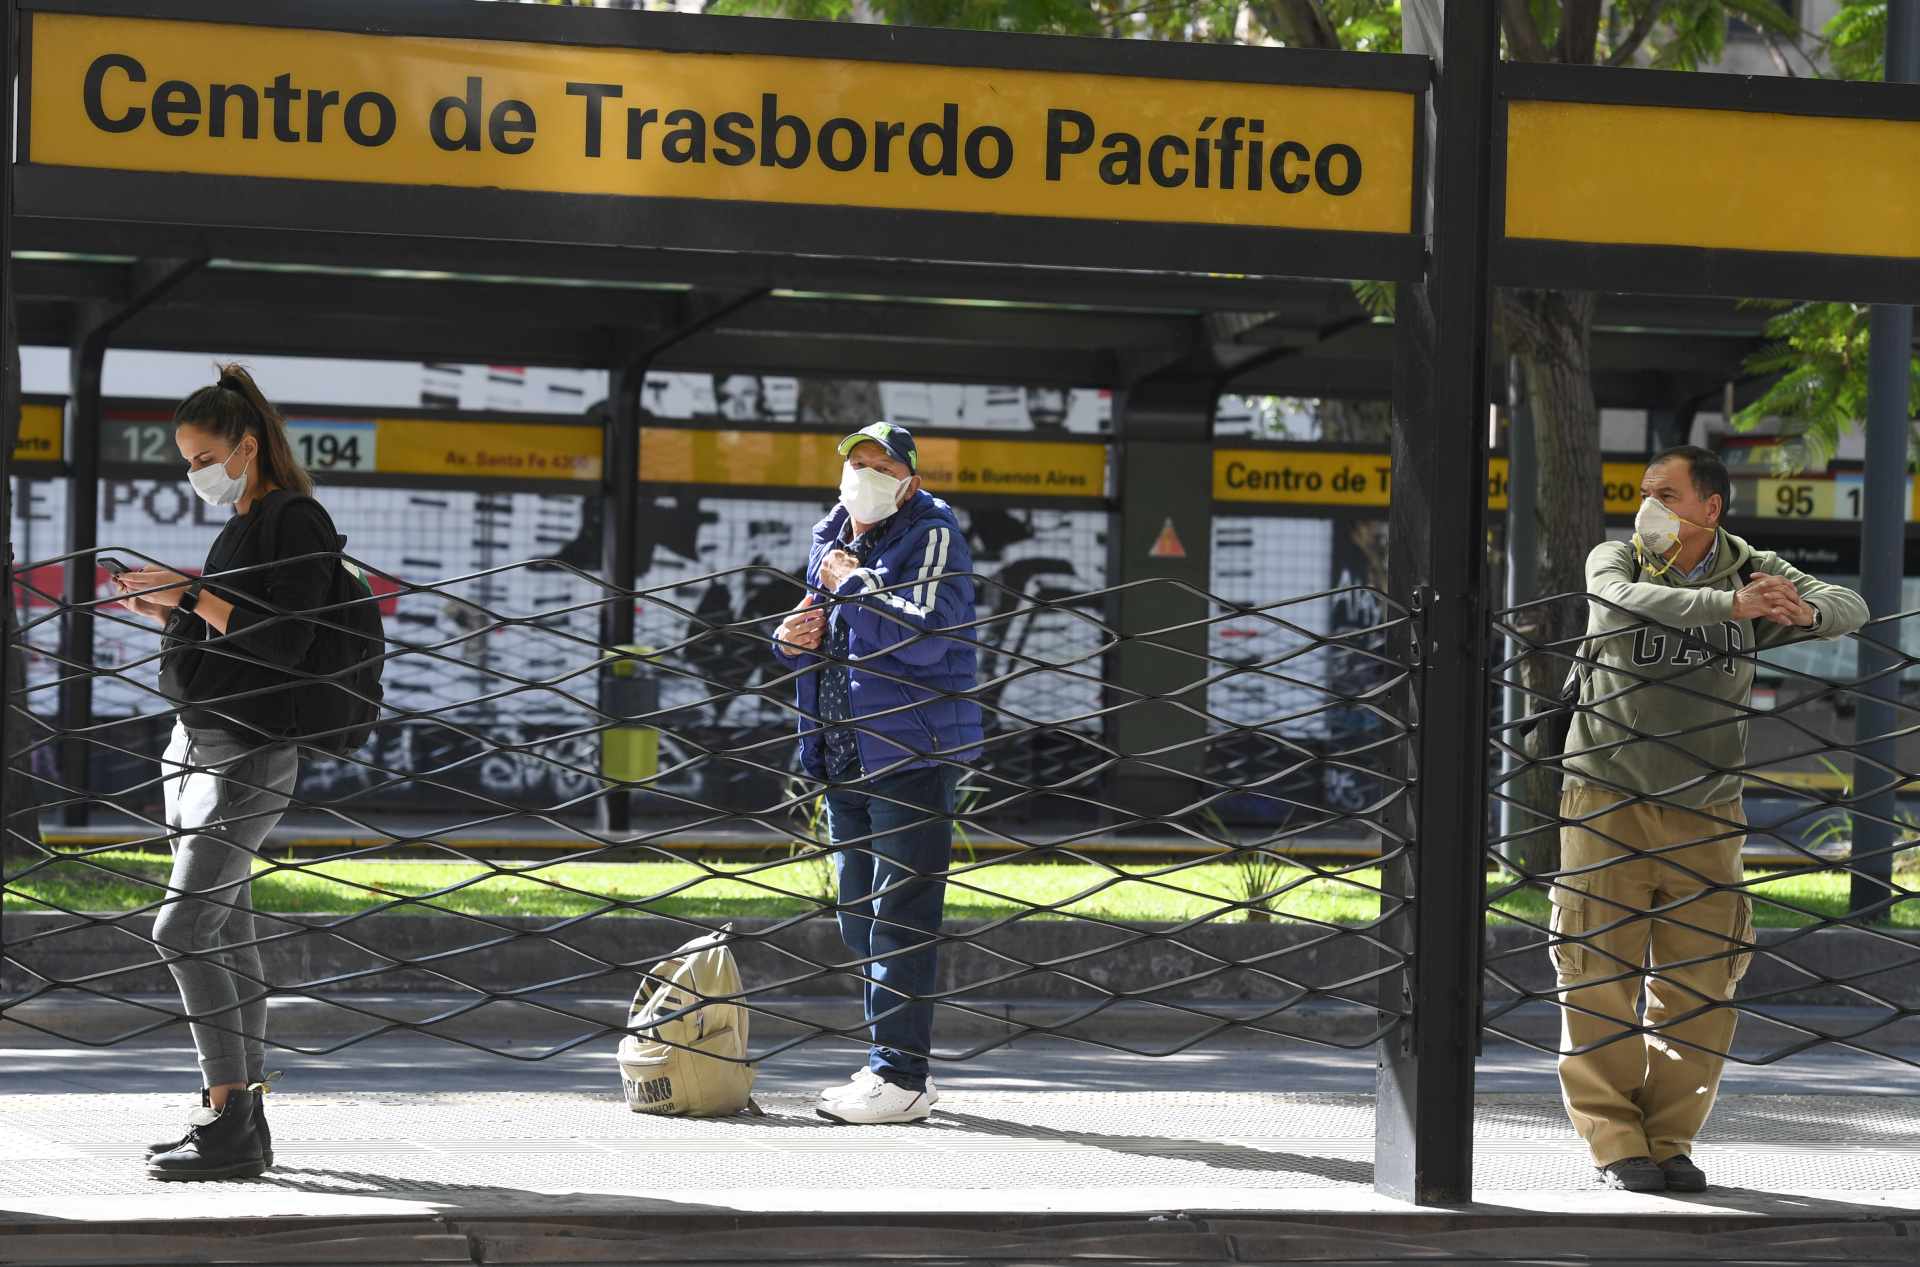 Pasajeros de ómnibus aguardando el suyo en la zona de Pacífico, en Palermo. La distancia social es uno de los aprendizajes que todos hemos incorporado en esta cuarentena que lleva 90 días.